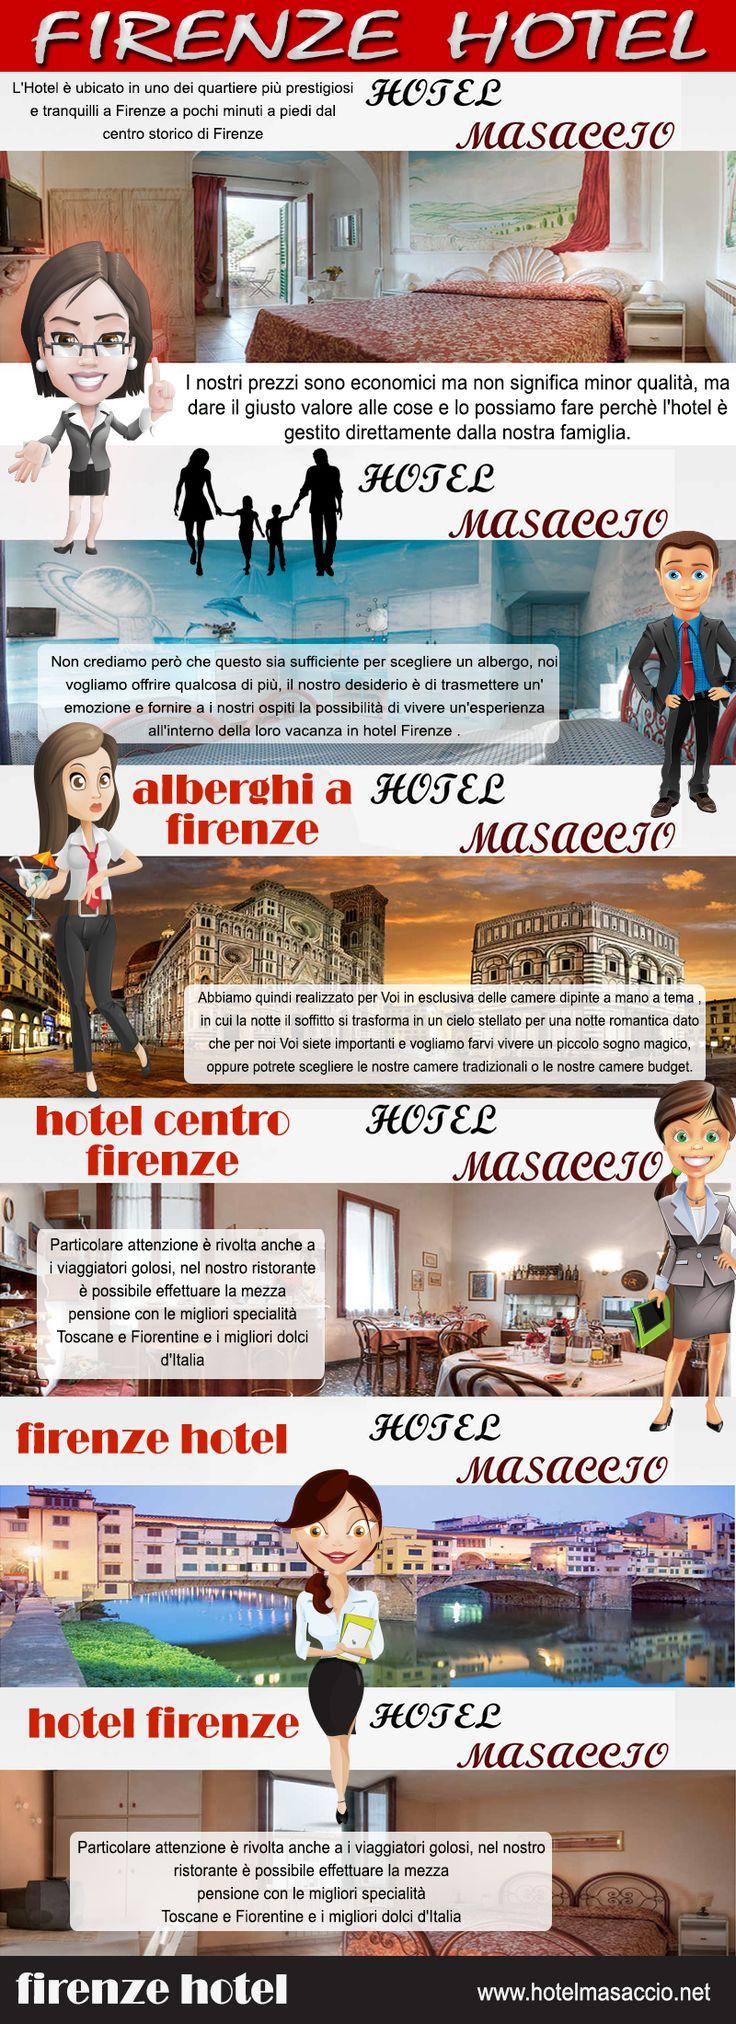 Visita il nostro sito http://www.hotelmasaccio.net/ per ulteriori informazioni su Firenze Hotel. Luxury firenze hotel è molto popolare in tutto il mondo. Per i baby boomer vanno in pensione l'hotel è un modo economico per possedere una seconda casa. Hotel di lusso sono via per coccolarvi in una vacanza ben necessario. Si stima che il settore del turismo crescerà del settore alberghiero, in particolare il settore alberghiero.